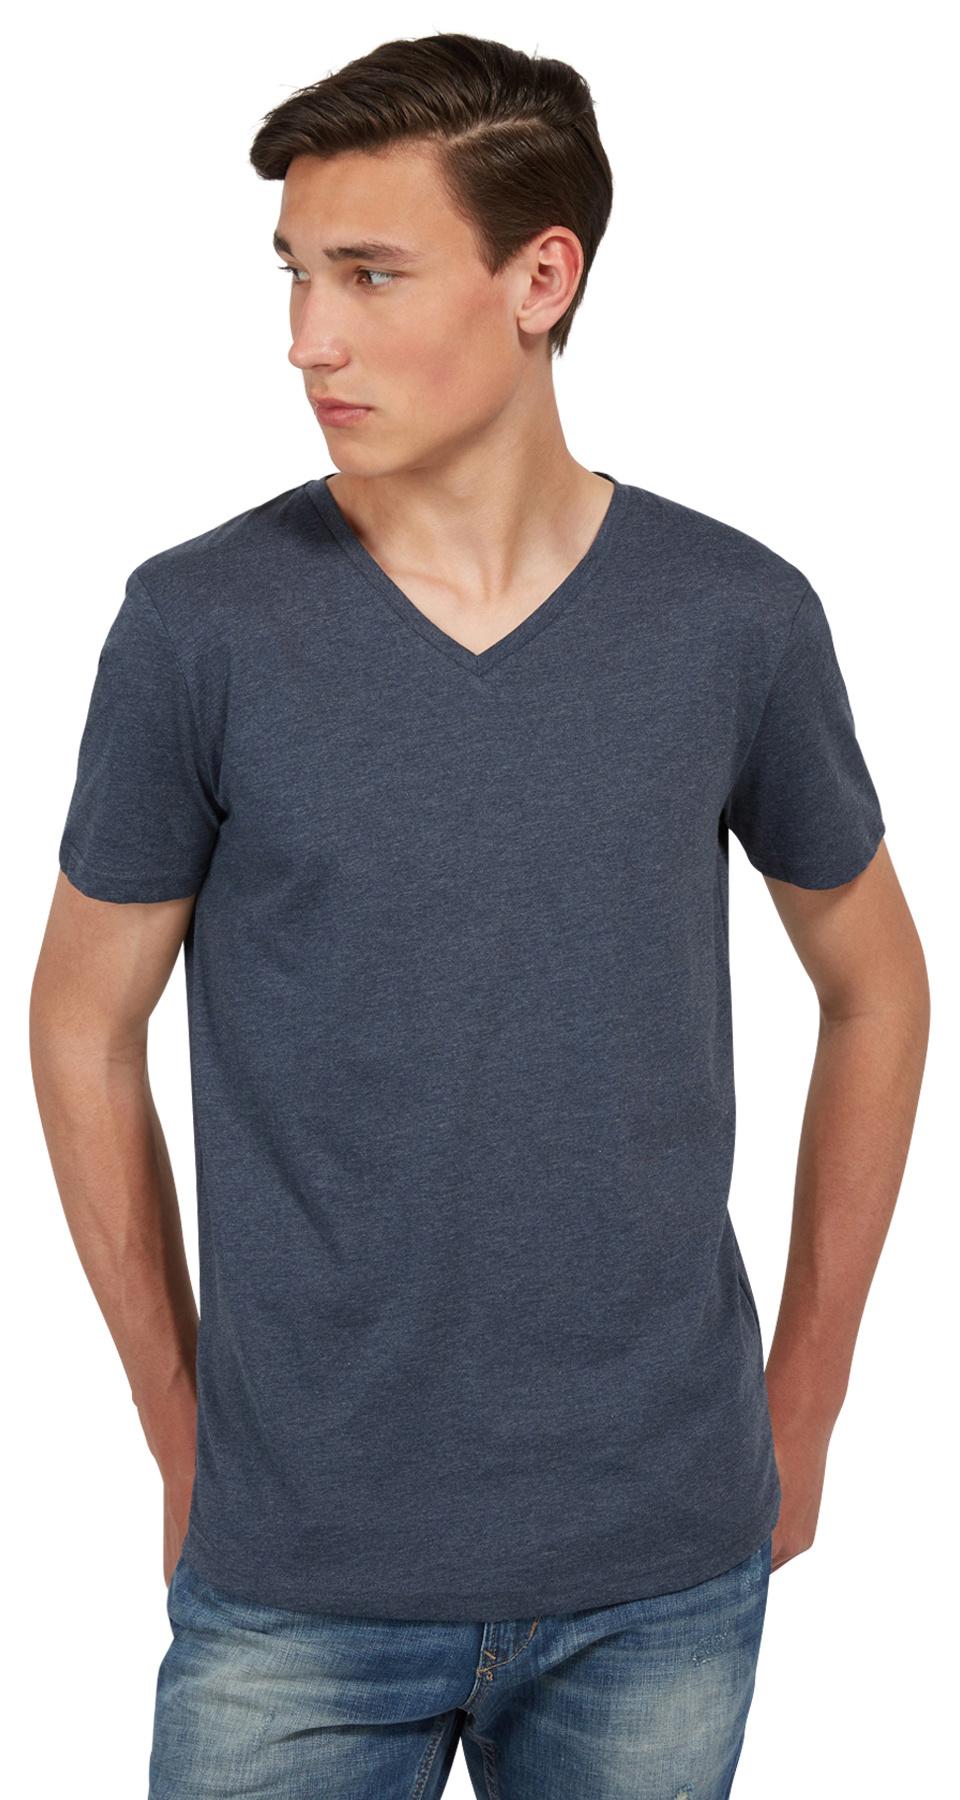 Tom Tailor Denim pánské triko 10381010012/6740 Modrá XL